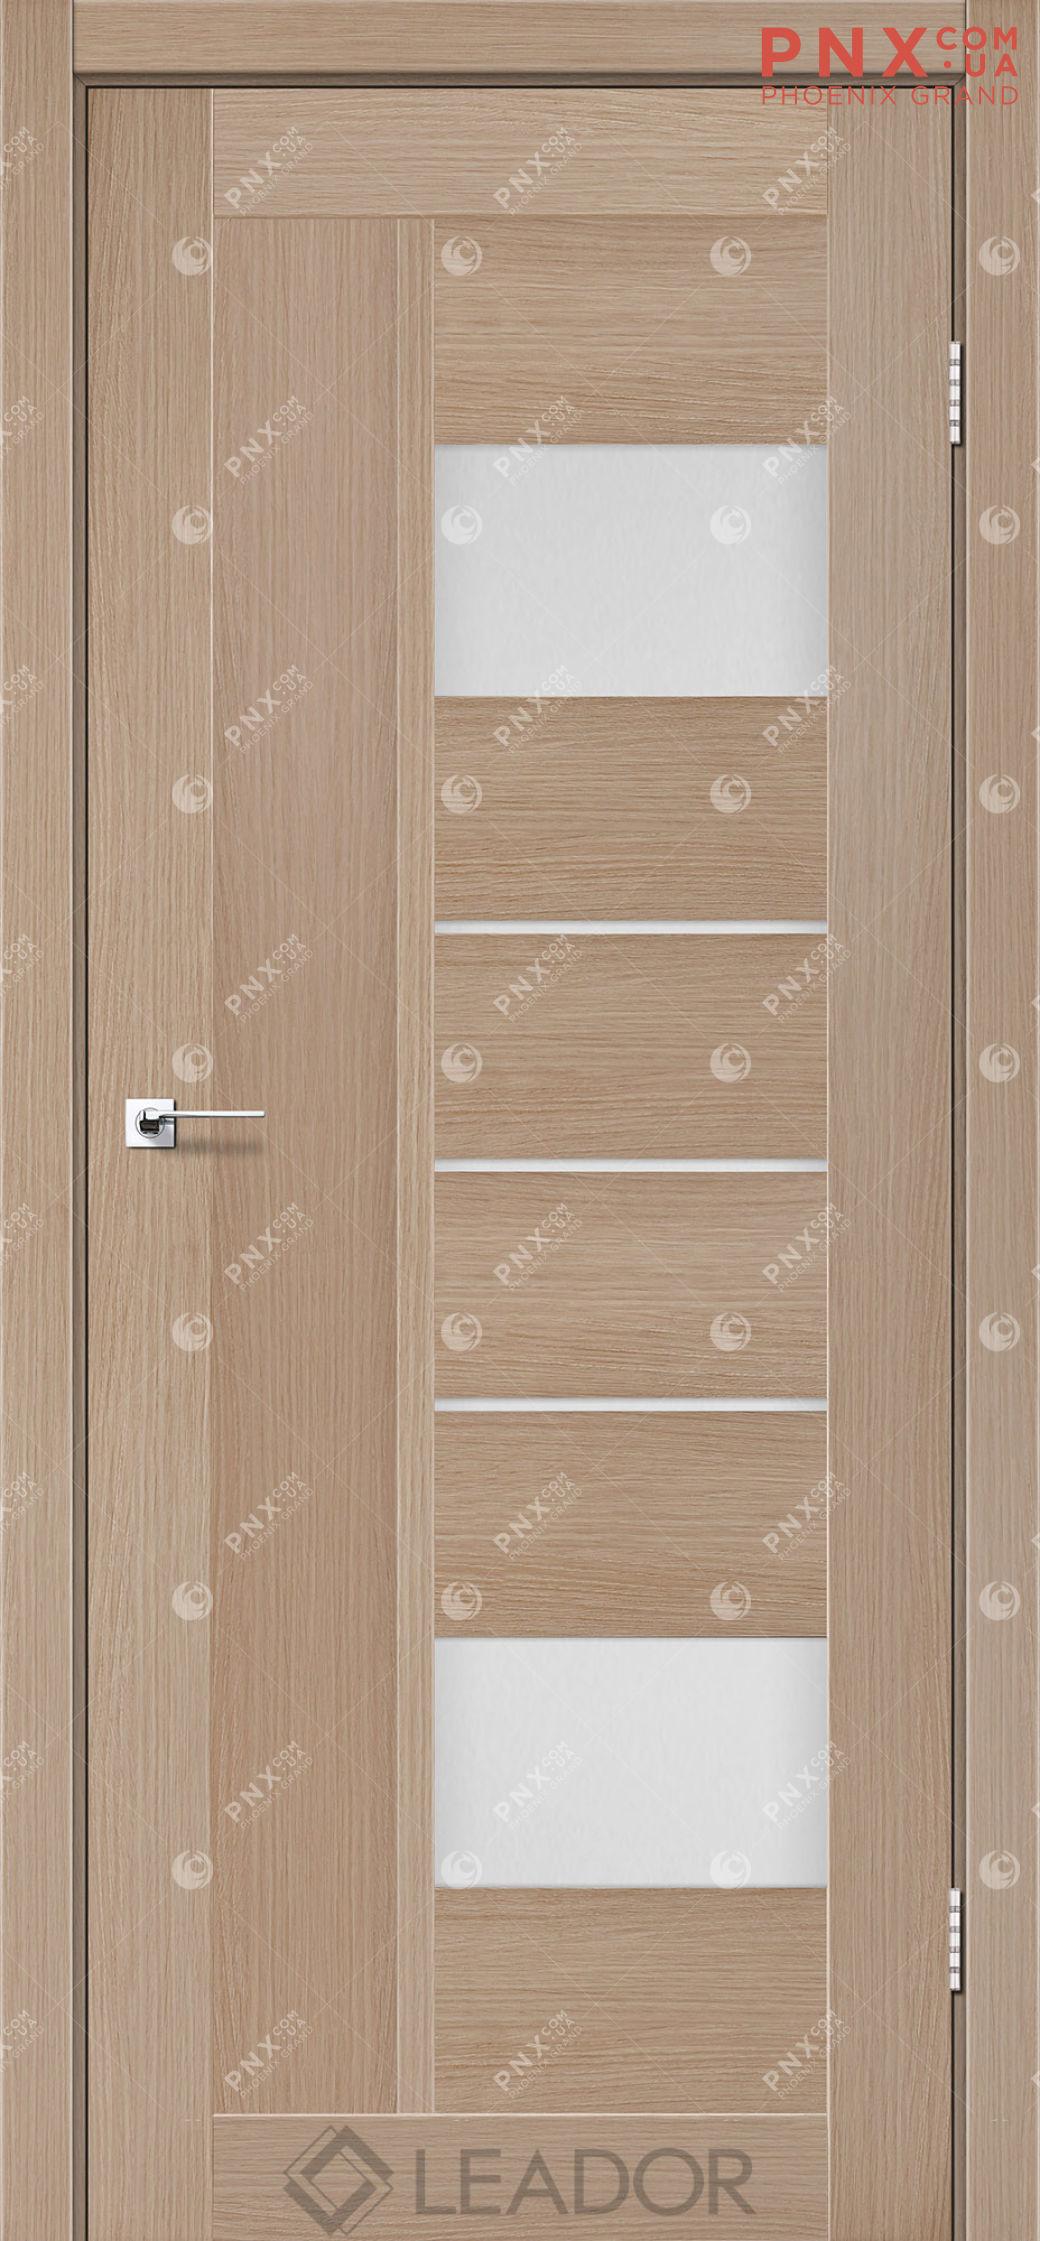 Межкомнатная дверь LEADOR Como, Дуб Мокко, Белое стекло сатин